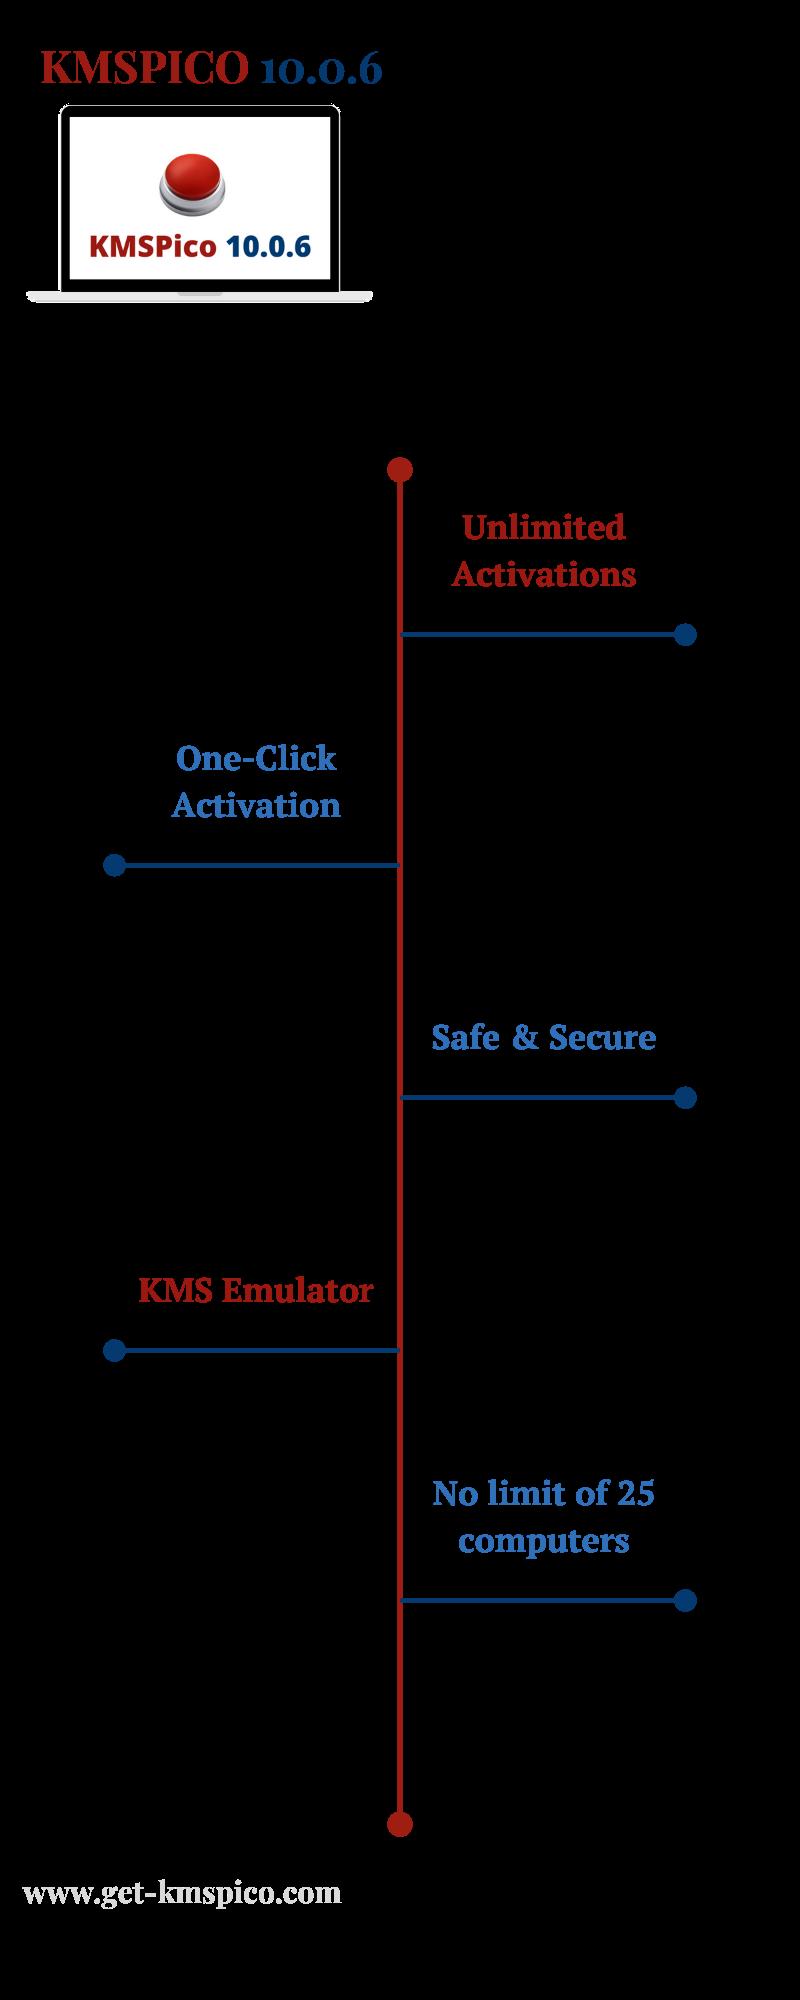 KMSPico-10.0.6-Infographic